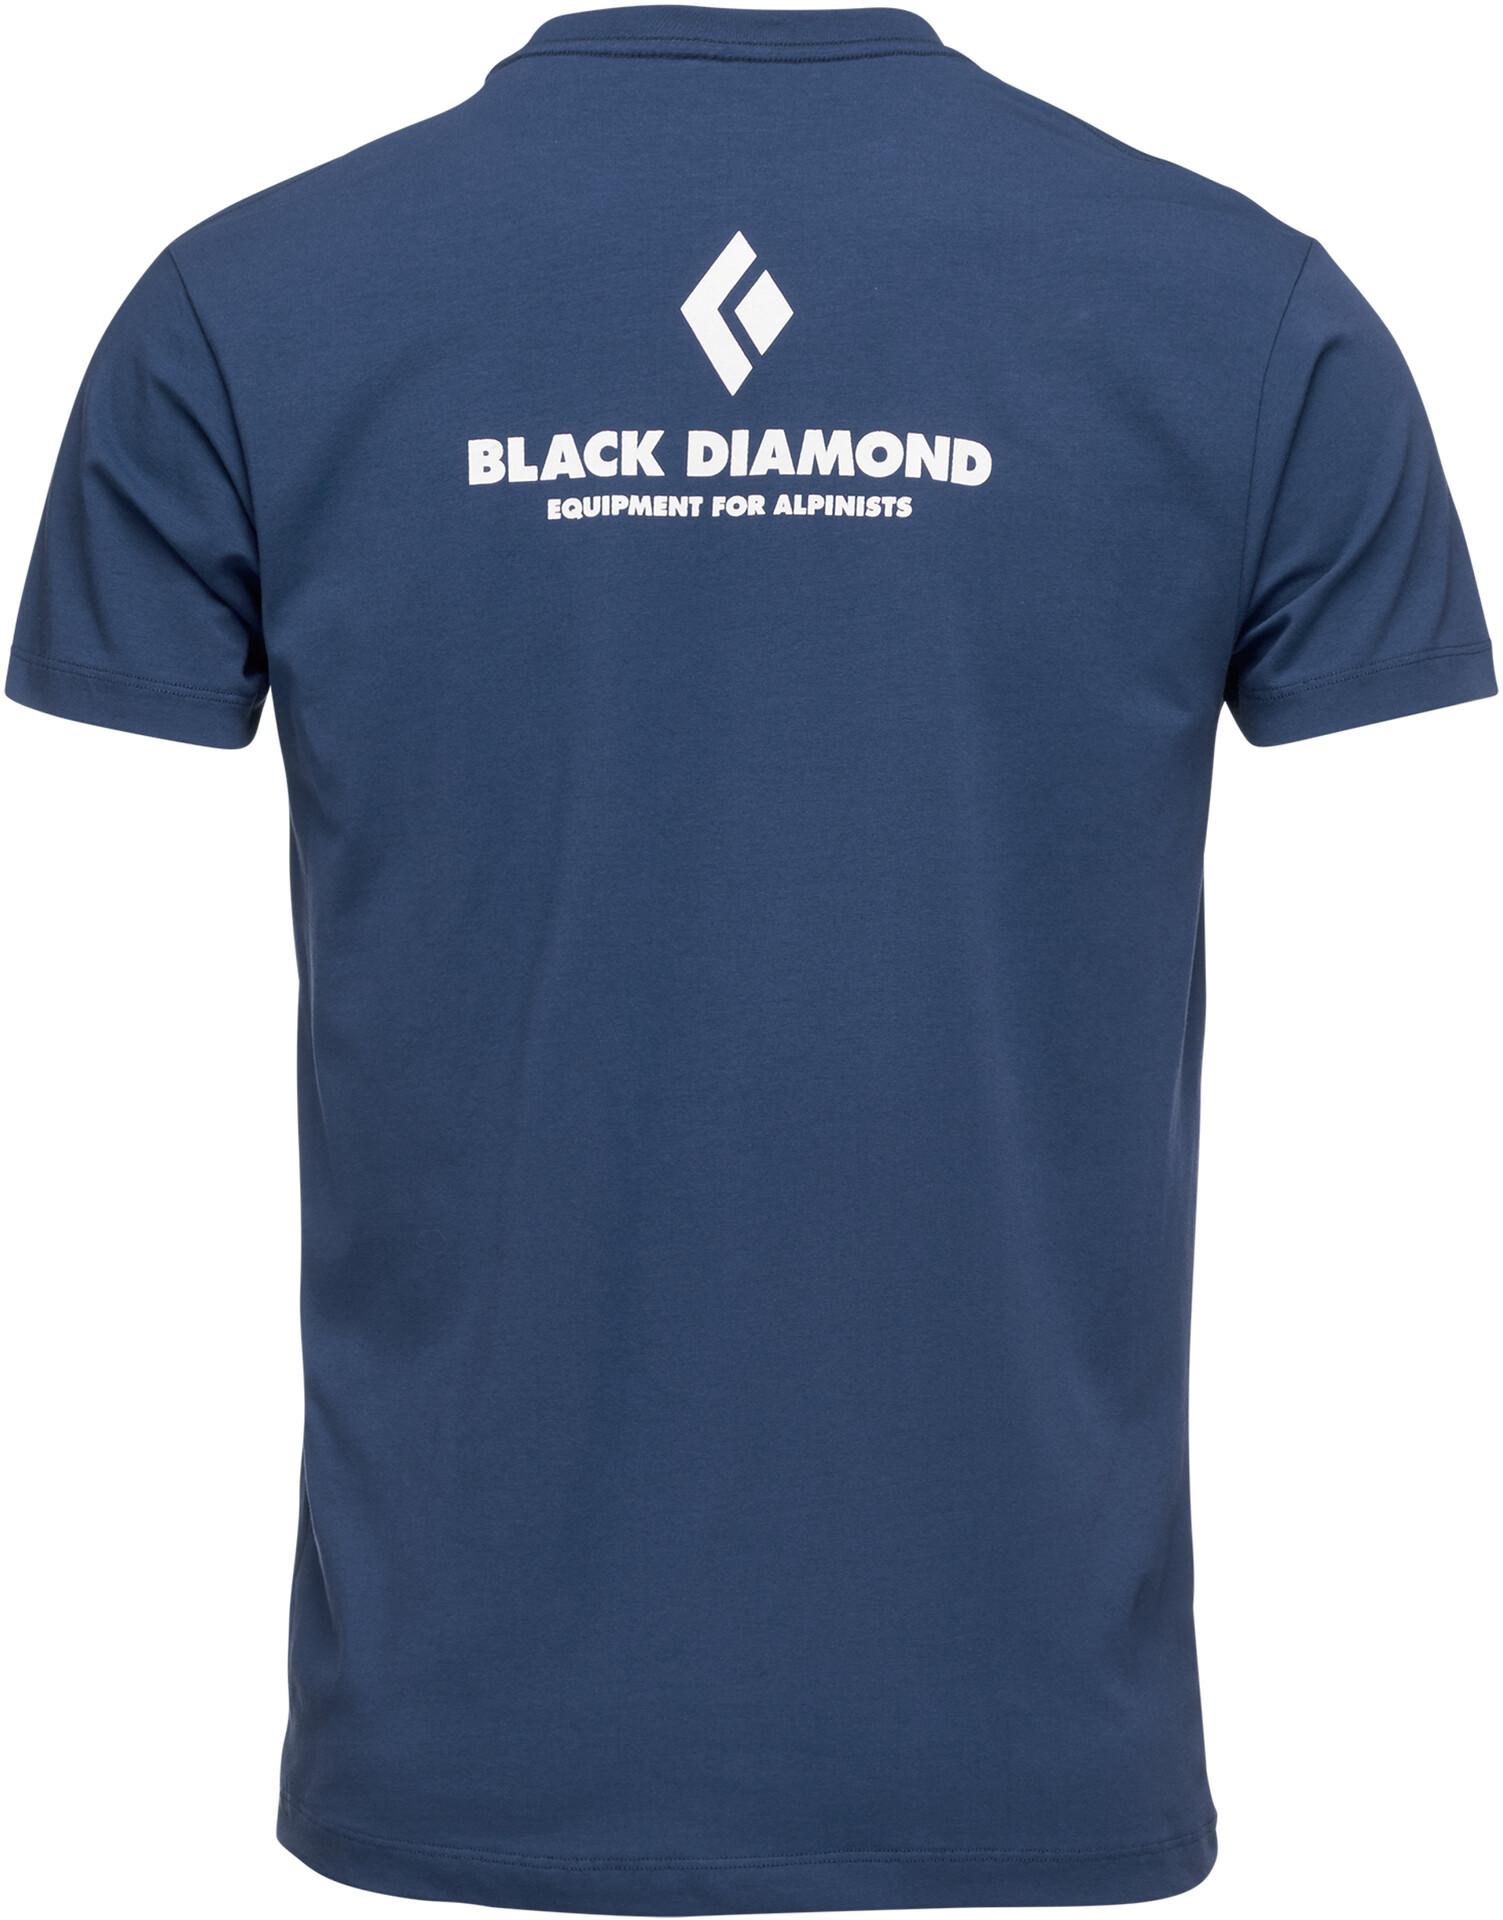 Black Diamond Equipment for Alpinist Maglietta a maniche corte Uomo, ink blue su Addnature ppwYF